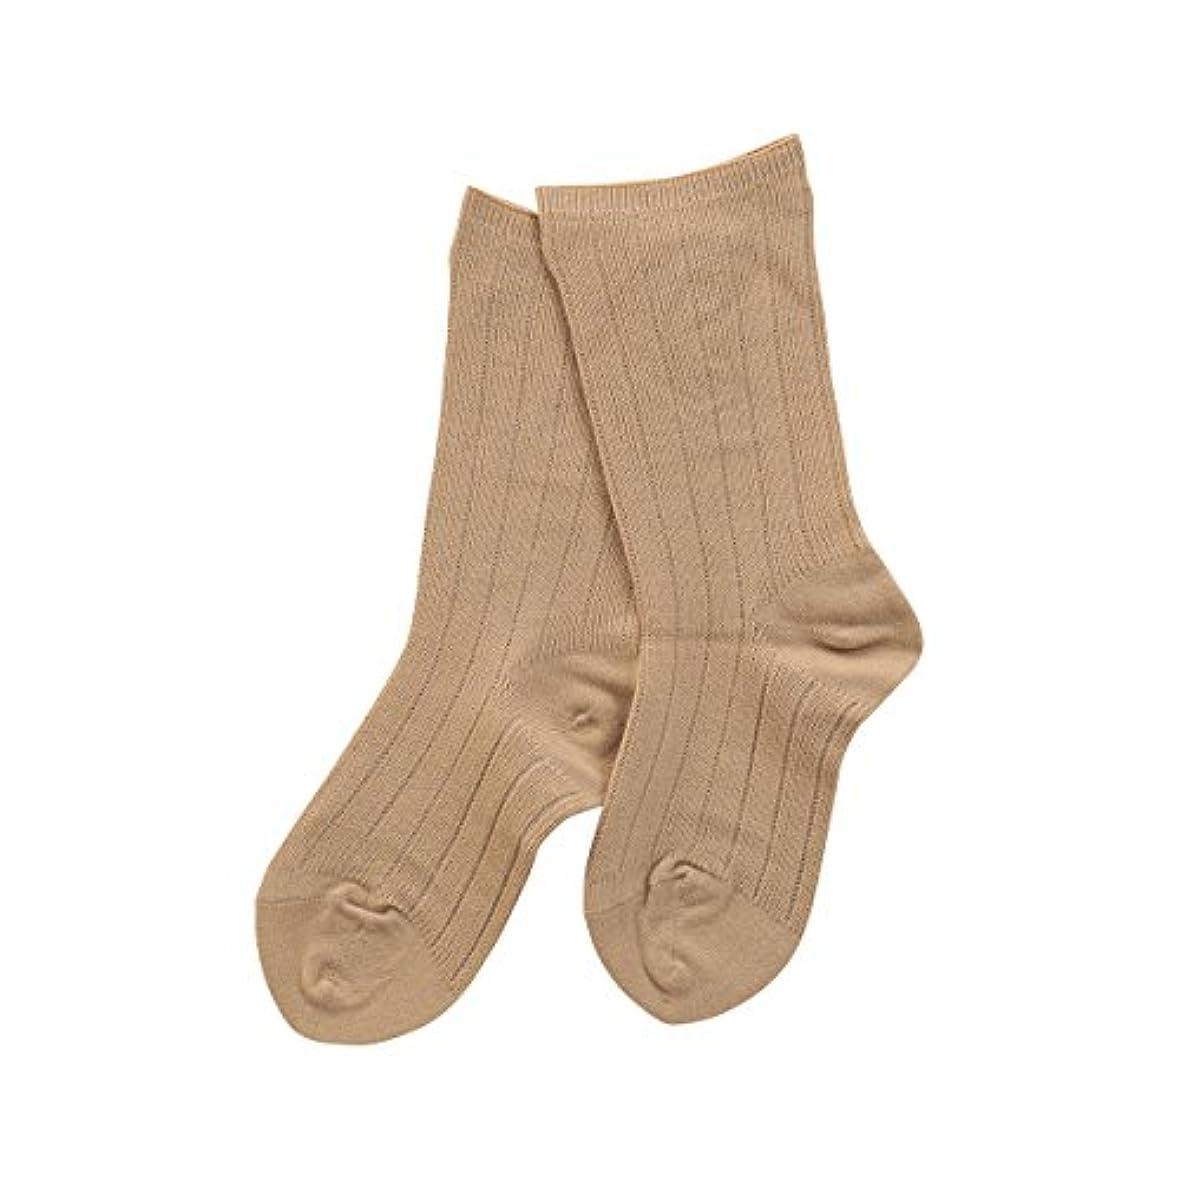 強制リスクスタッフ(コベス) KOBES ゴムなし 毛混 超ゆったり靴下 日本製 婦人靴下